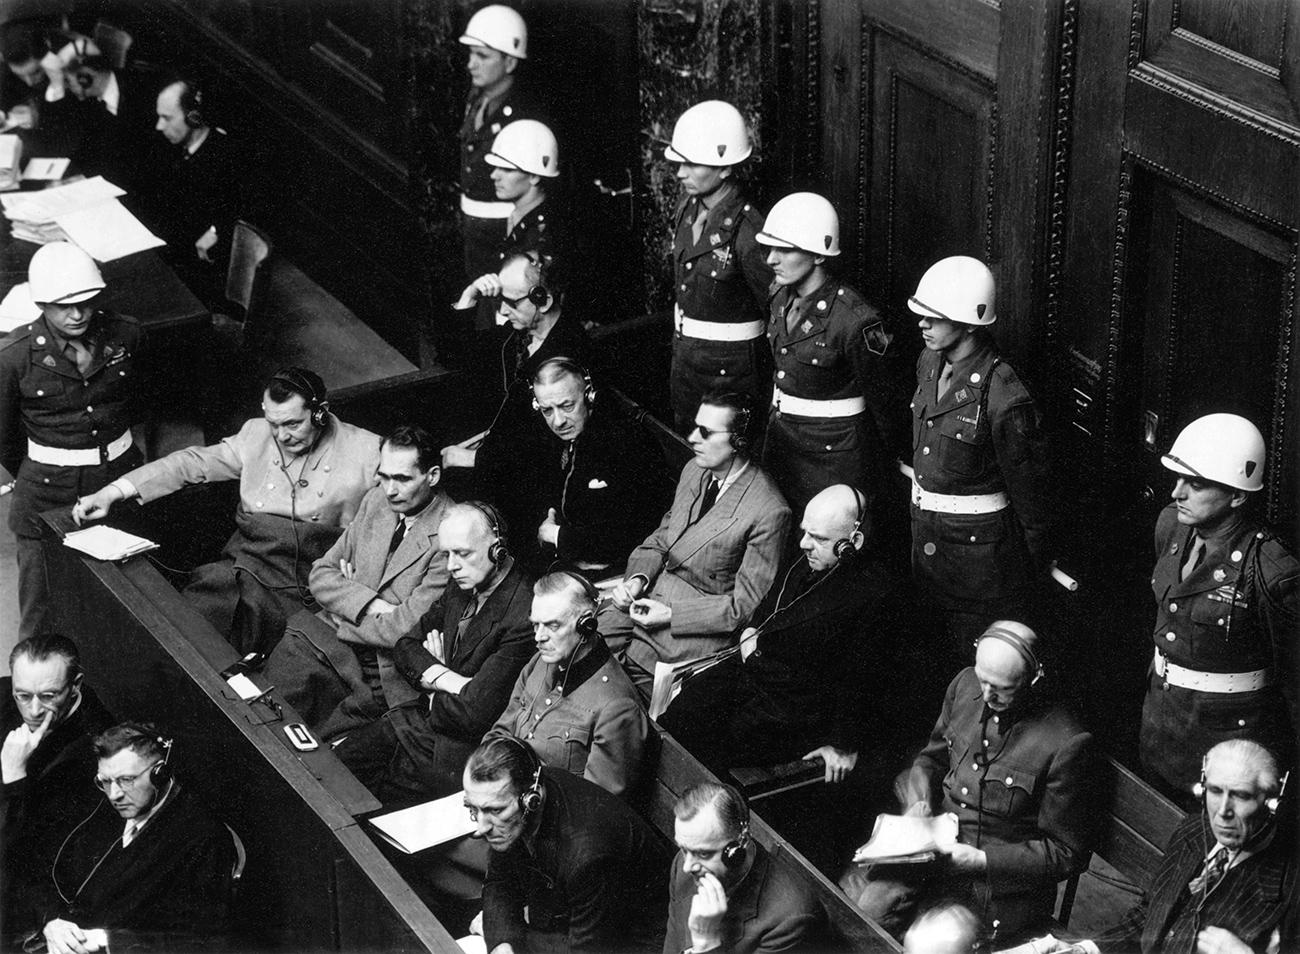 Des criminels de guerre au procès de Nuremberg, Nuremberg, 1946. Crédit: Musée d'art multimédia de Moscou